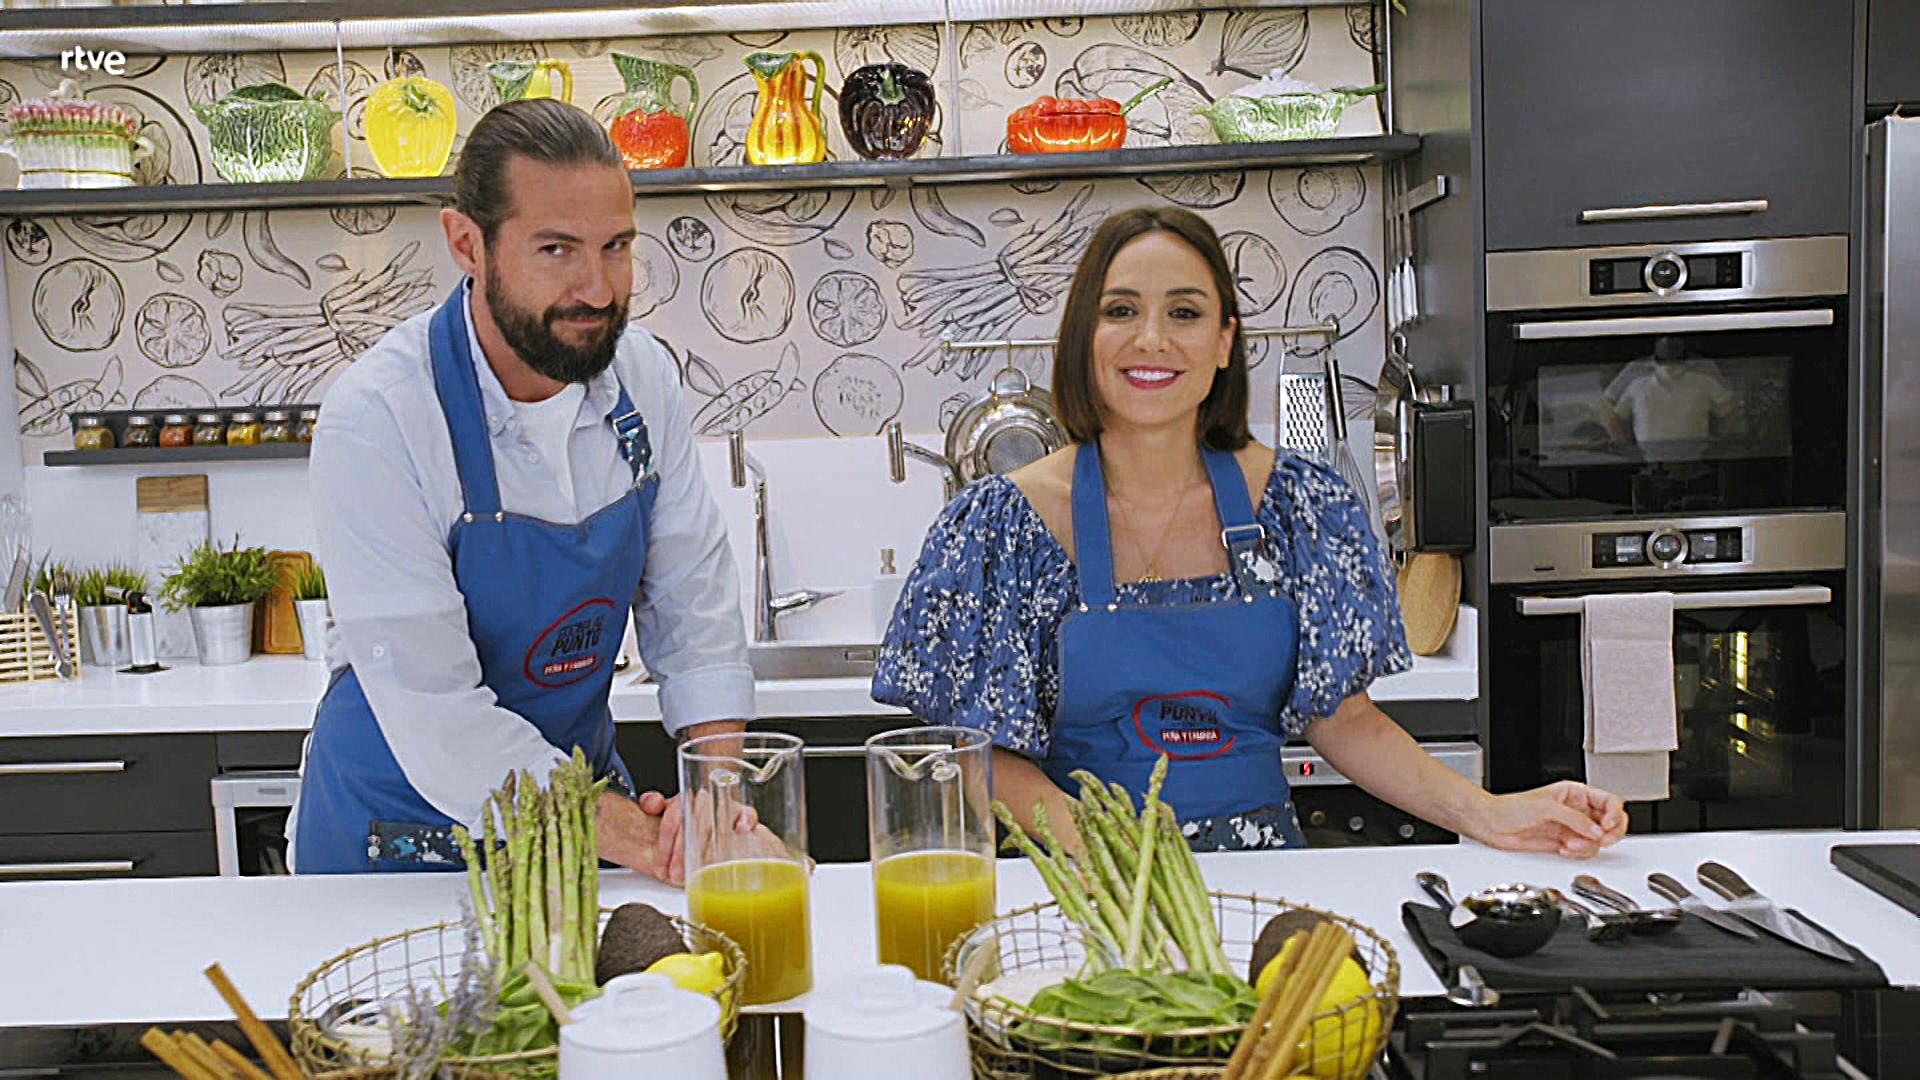 La 1 estrena 'Cocina al punto con Peña y Tamara'